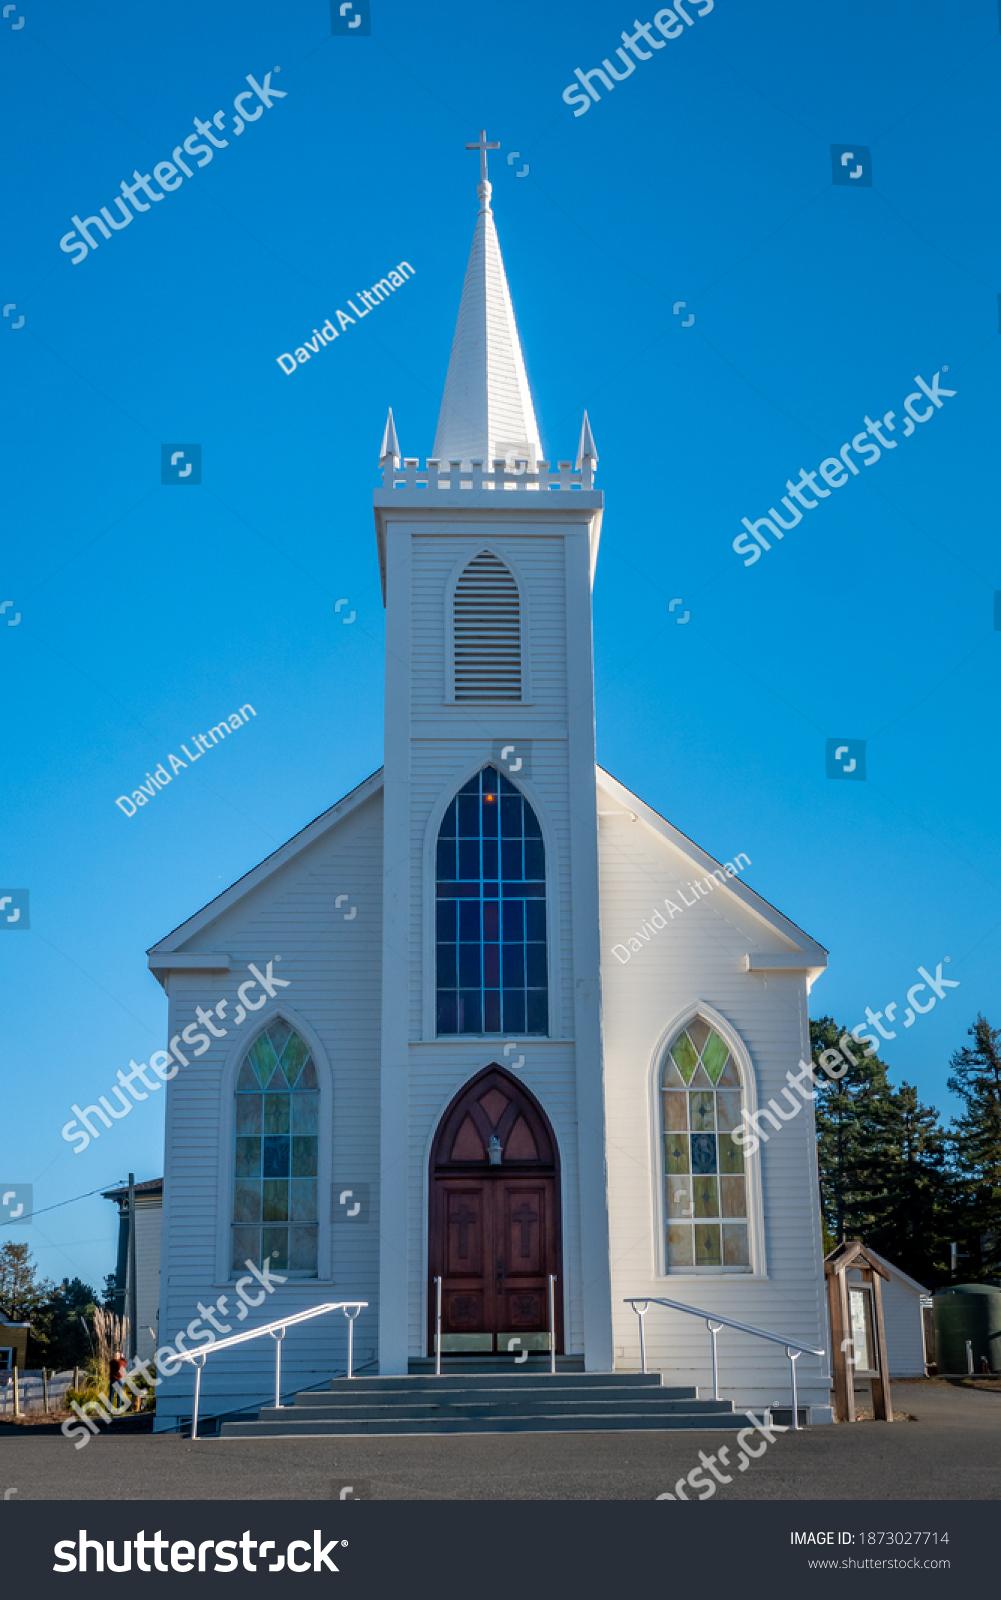 The Saint Teresa of Avila Church in Bodega Bay, California.